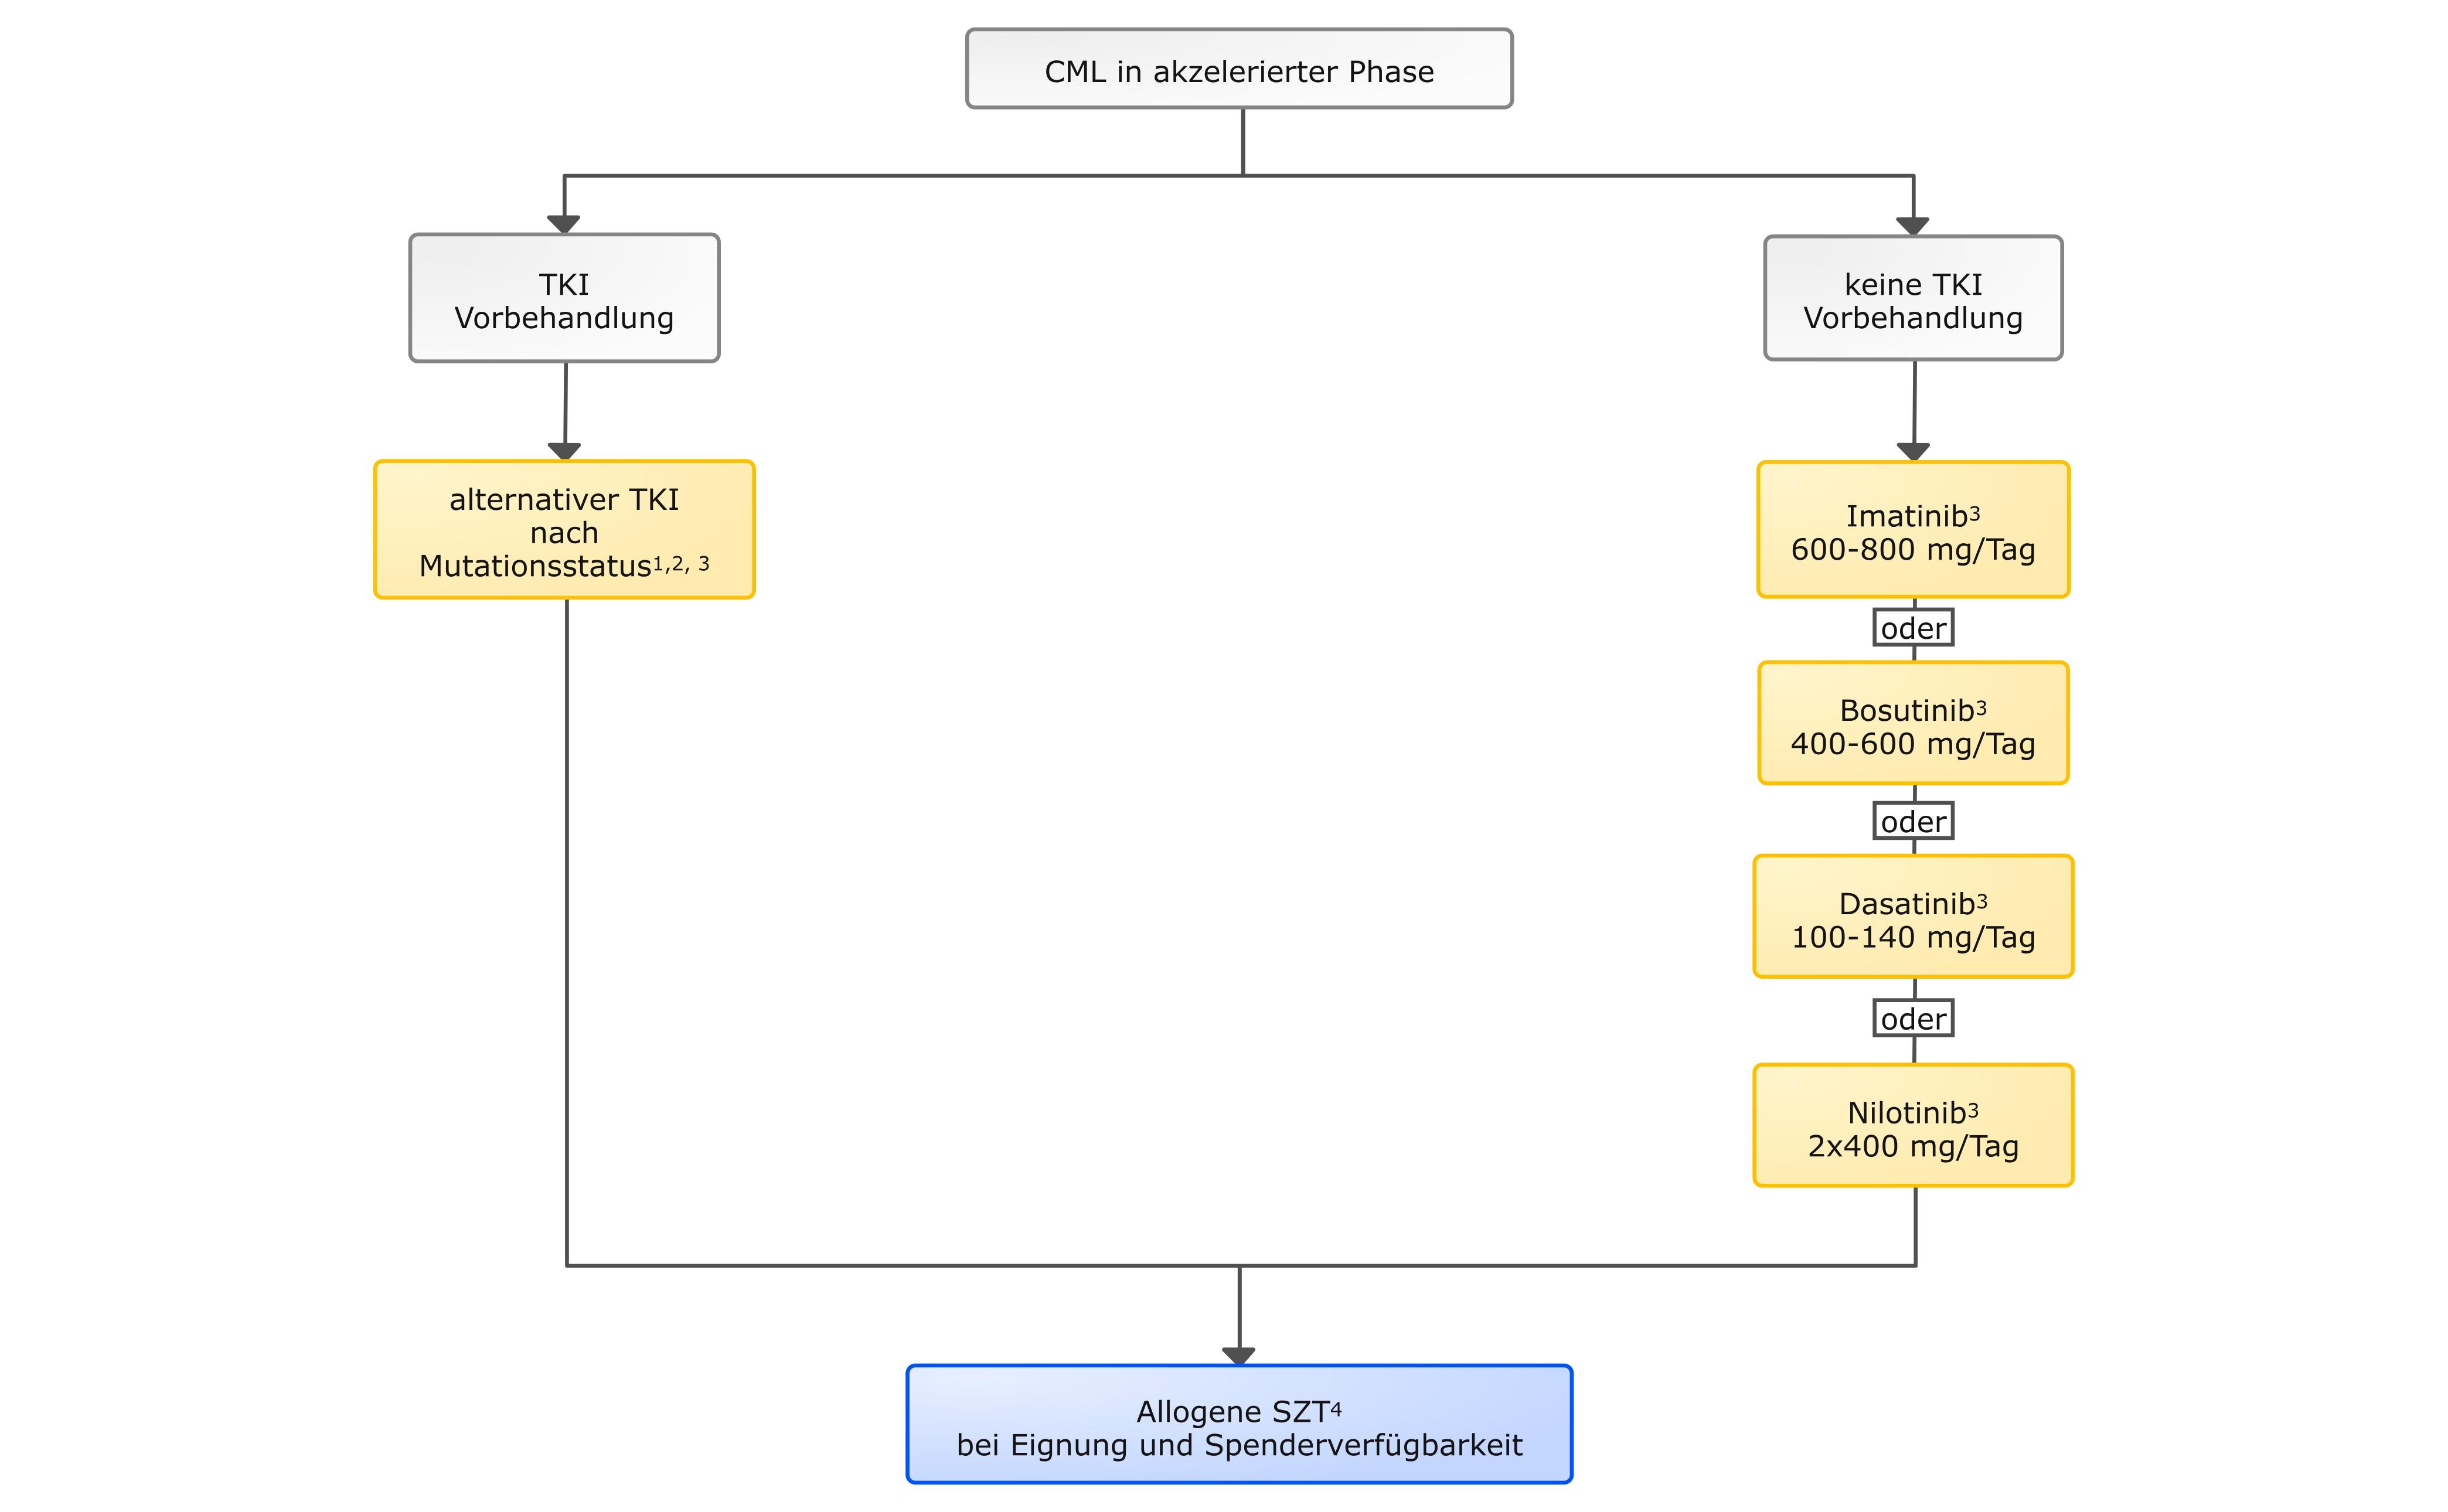 Therapie der CML – Akzelerierte Phase